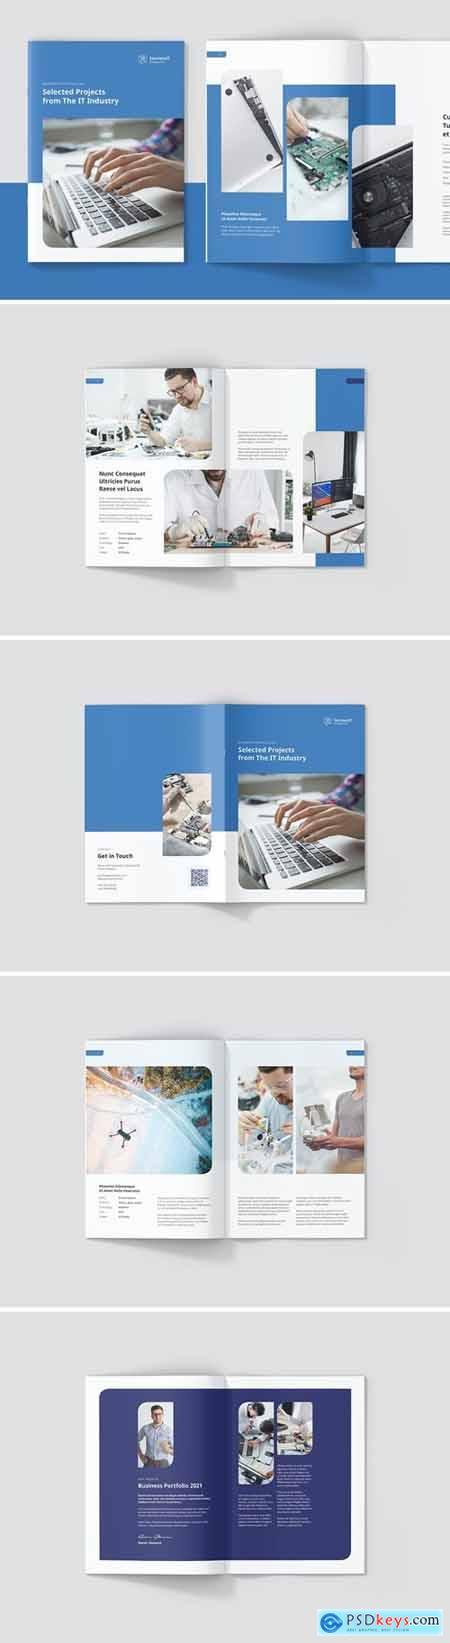 IT Services – Portfolio 29565330